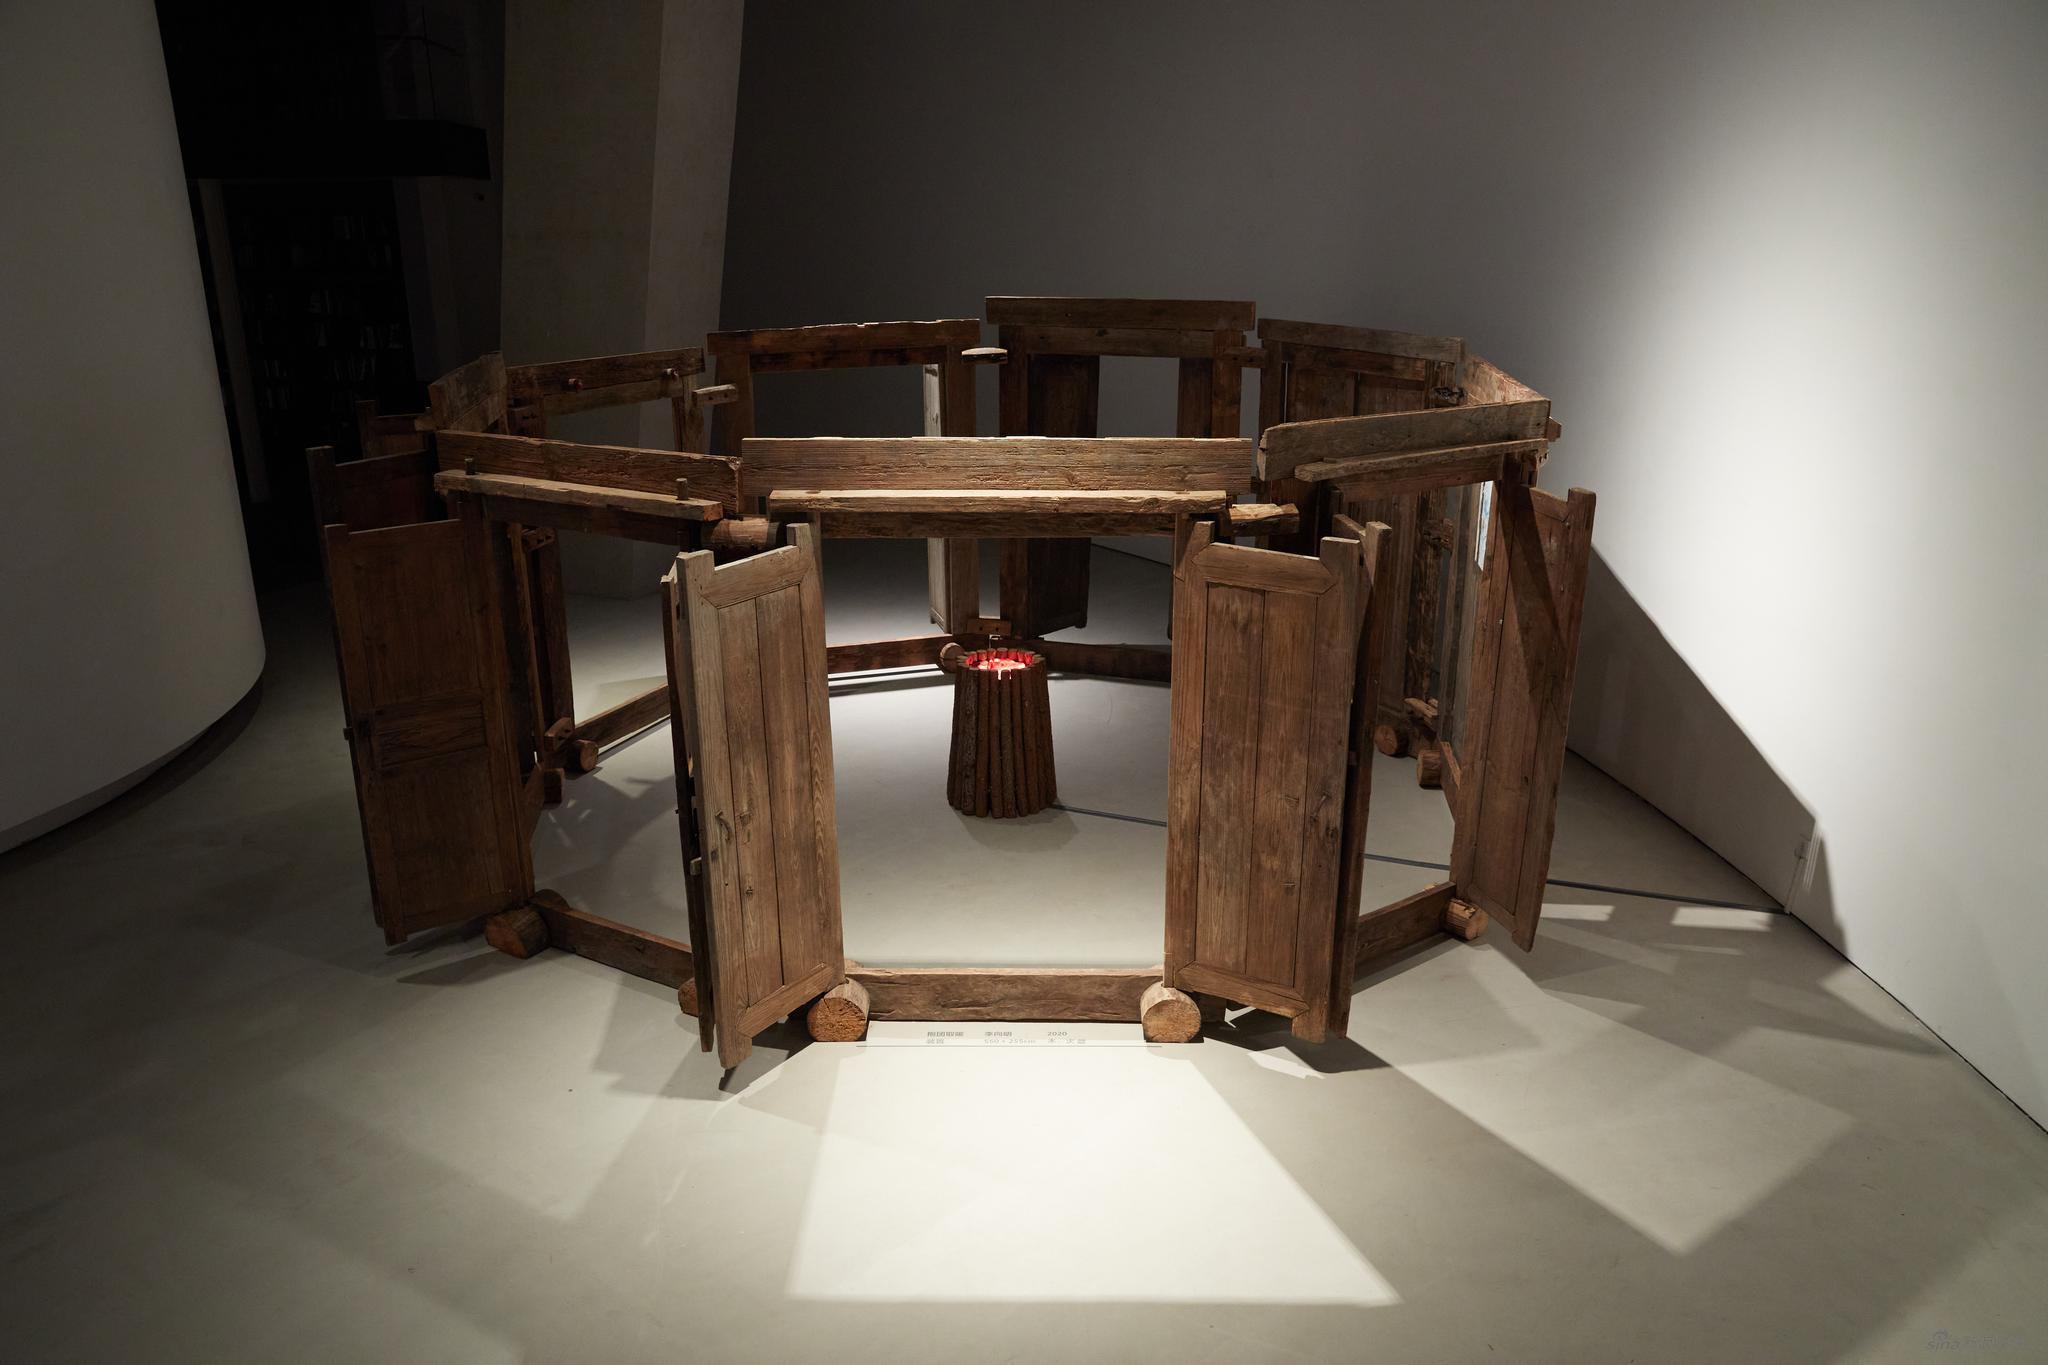 李向明,《抱团取暖》,装置,550×255cm,2020,木、火盆